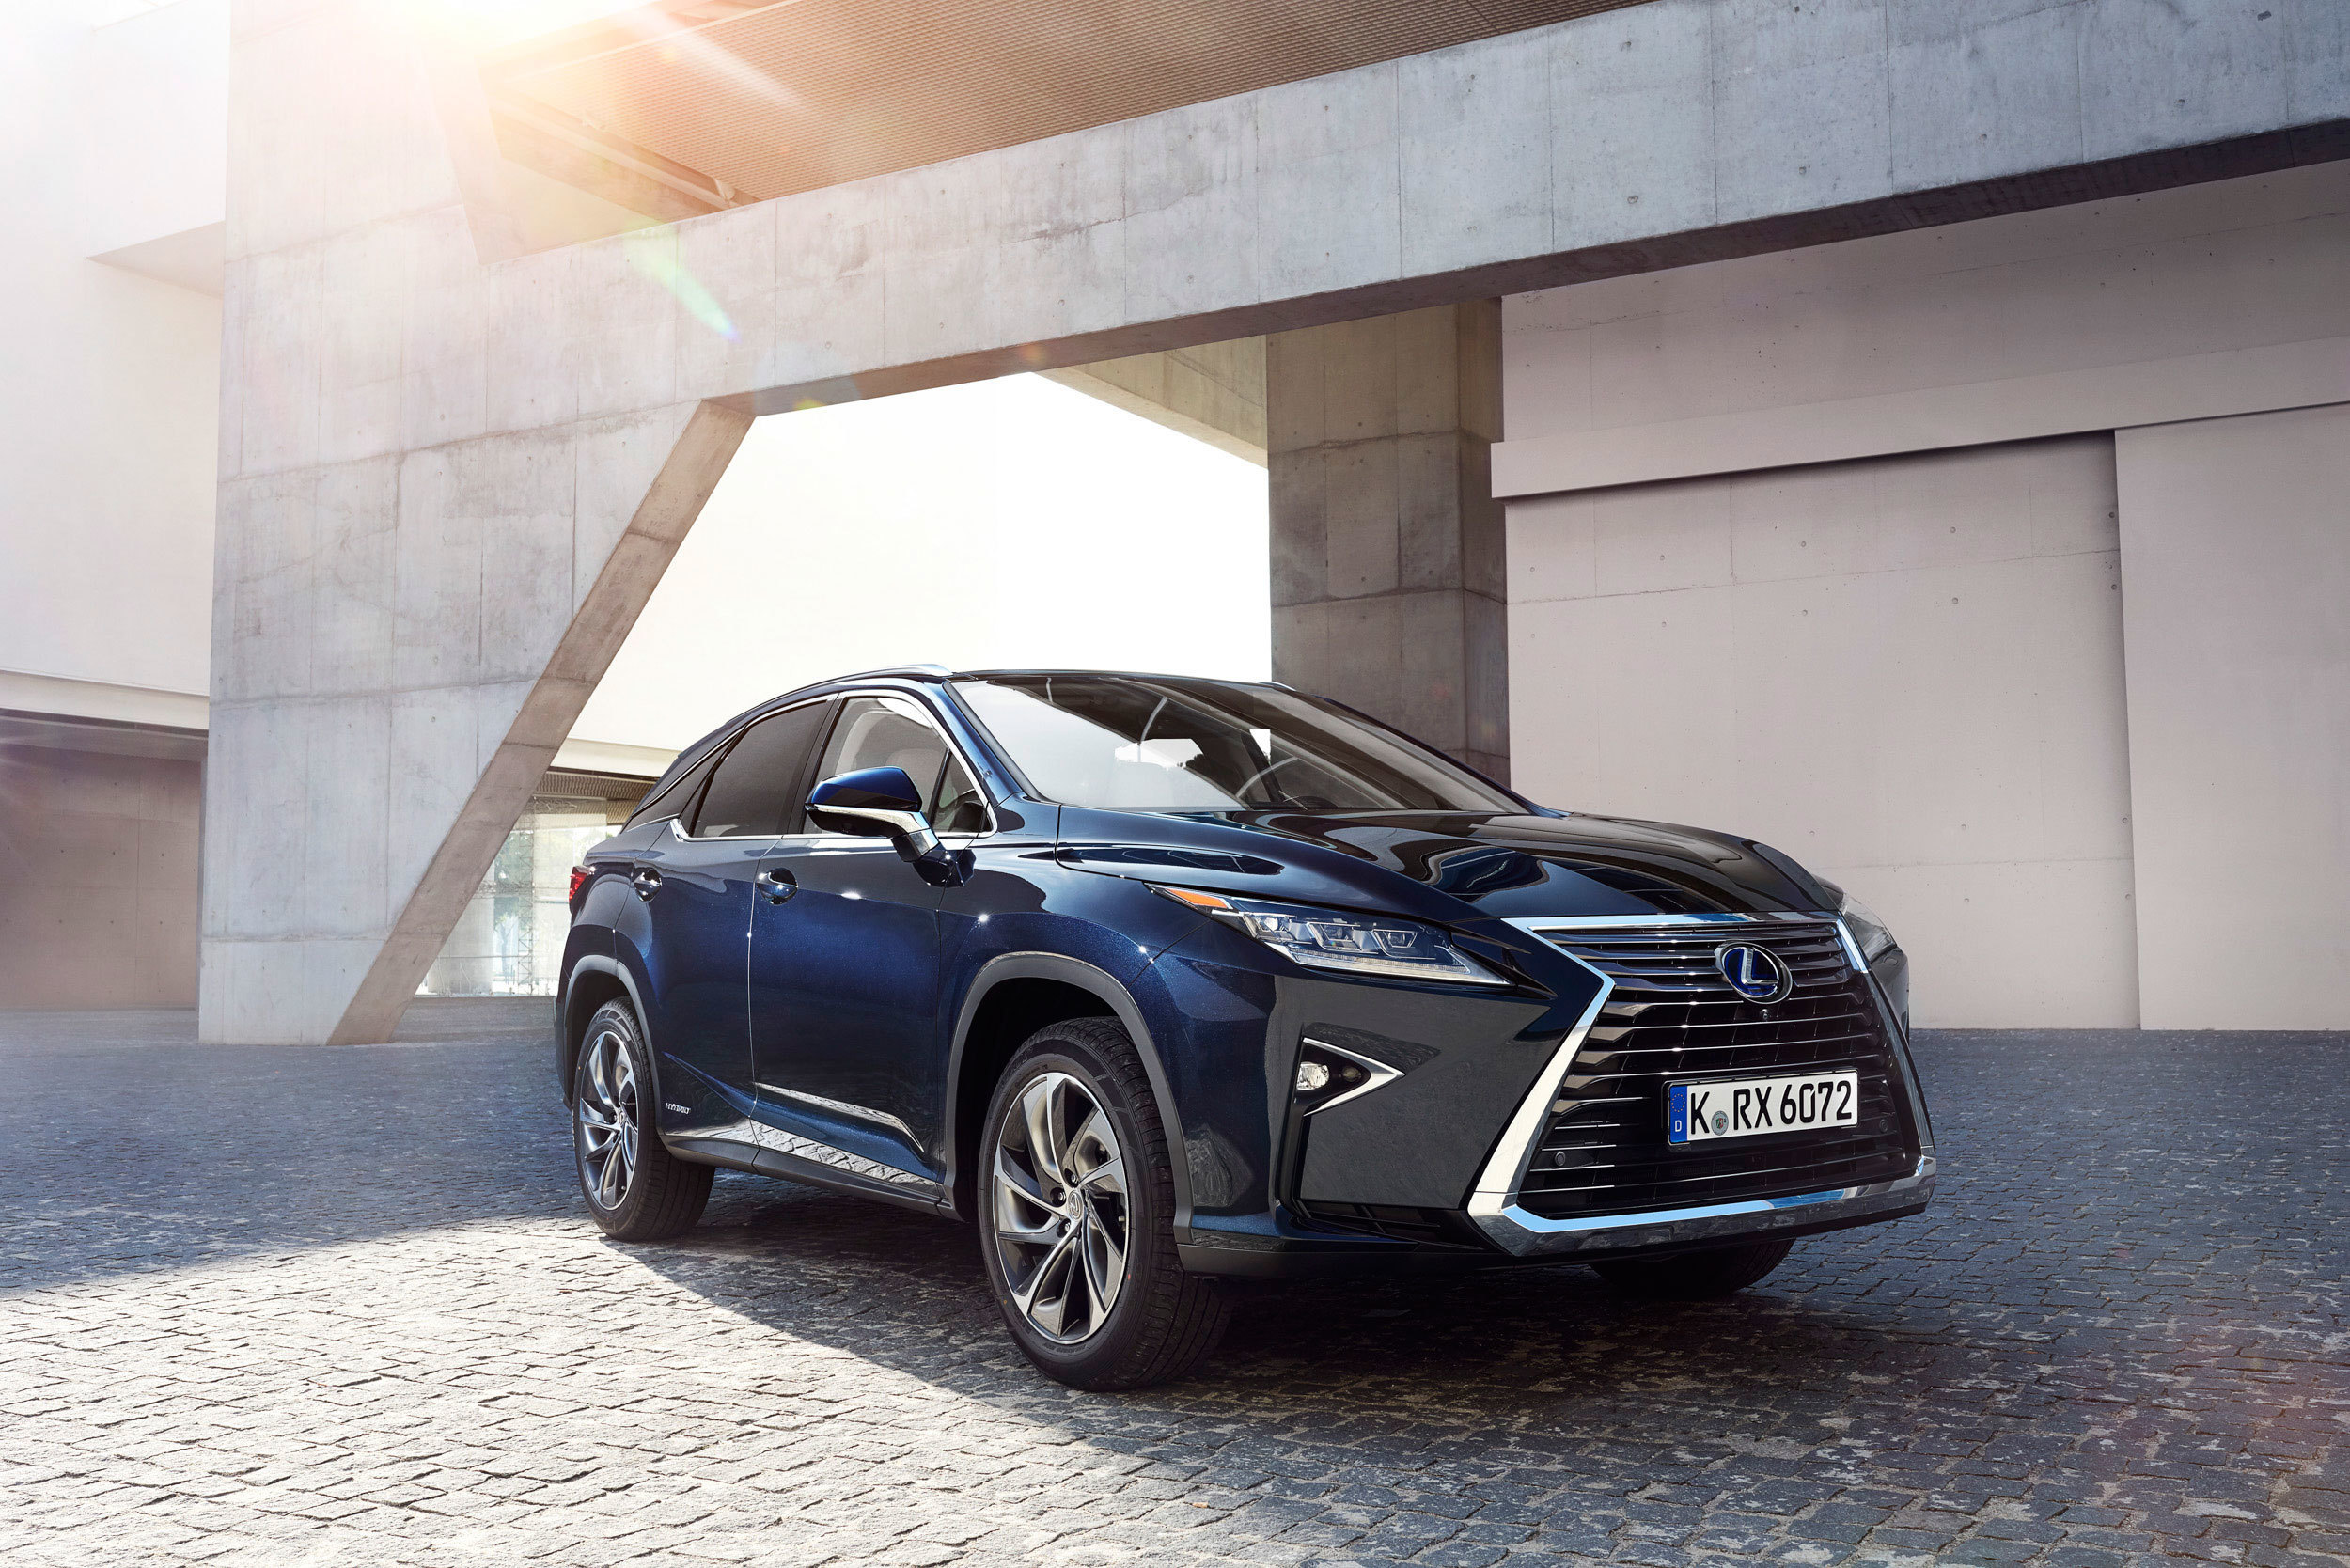 Лексус рх 2021 новый кузов, цены, комплектации, фото, видео тест-драйв